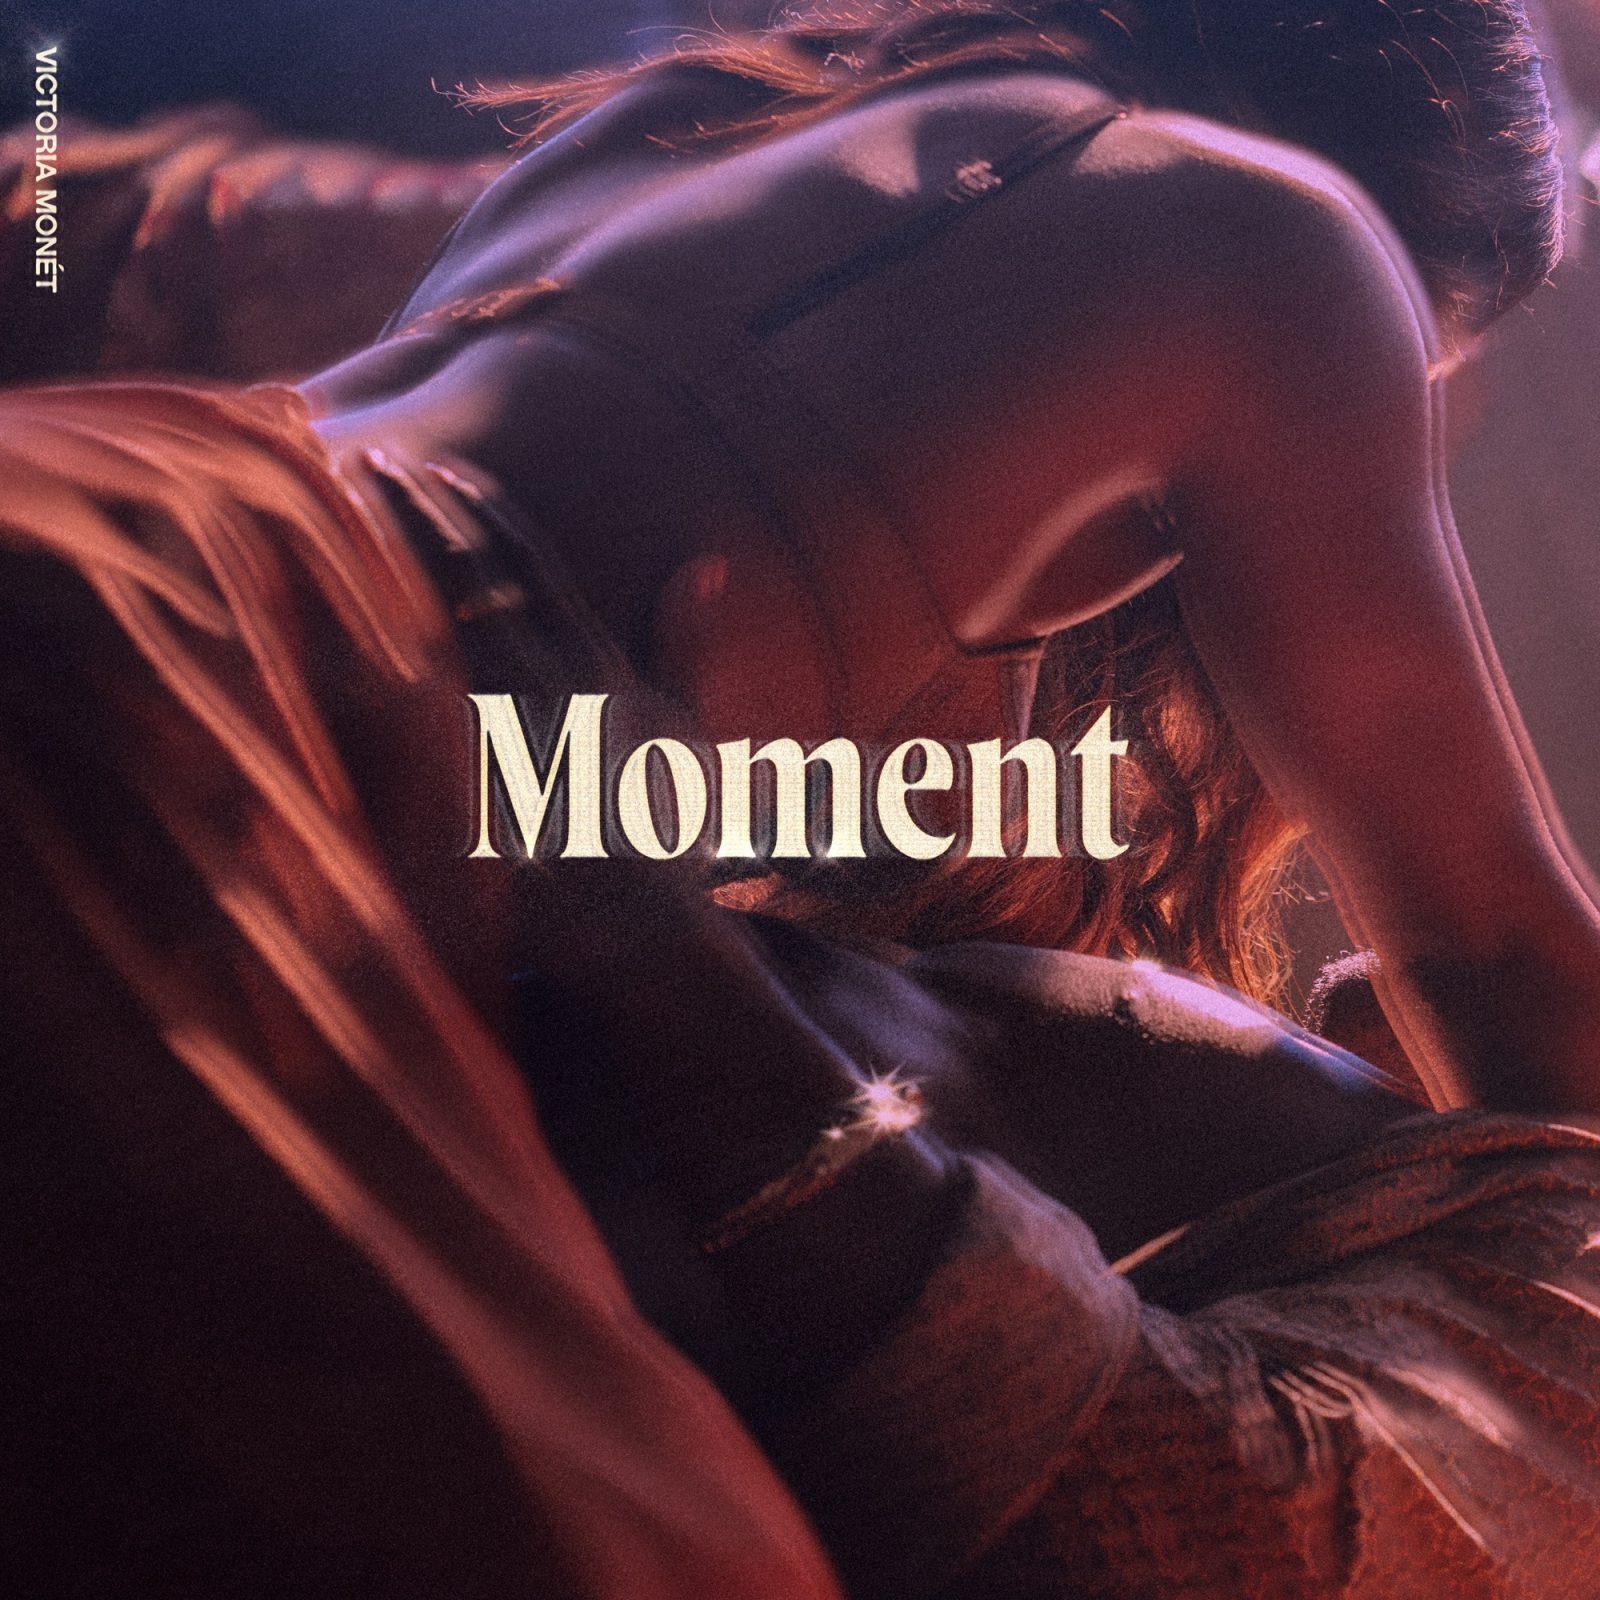 Victoria Monét – Moment